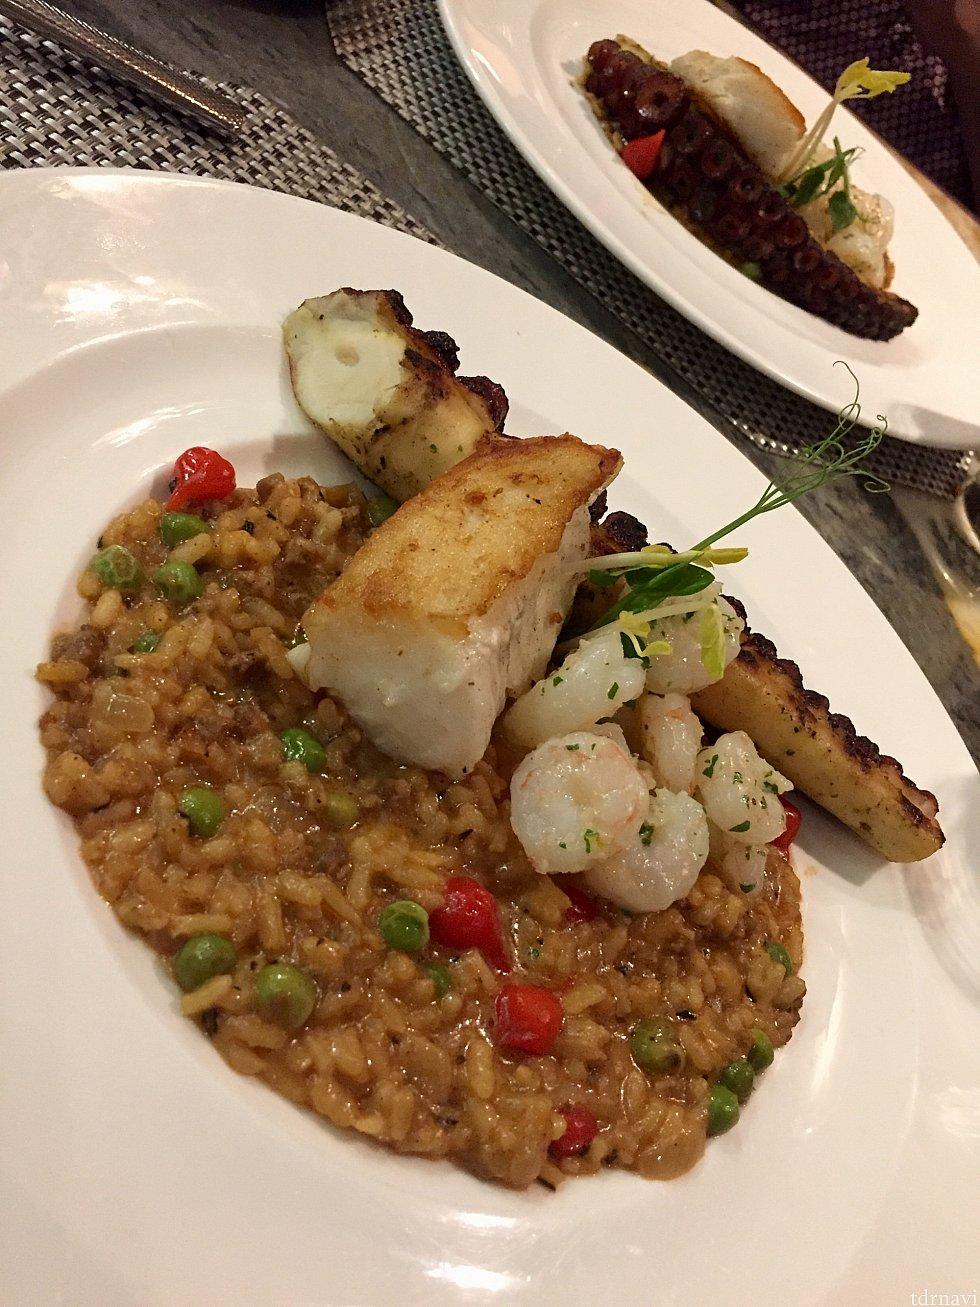 そしてメインディッシュの「Wood-fired Spanish Octopus, Chilean Sea Bass, and Key West Shrimp」実はこのディッシュ$48するんですが、メインよりも添えてあるリゾットの方が遥かに美味しかったです。